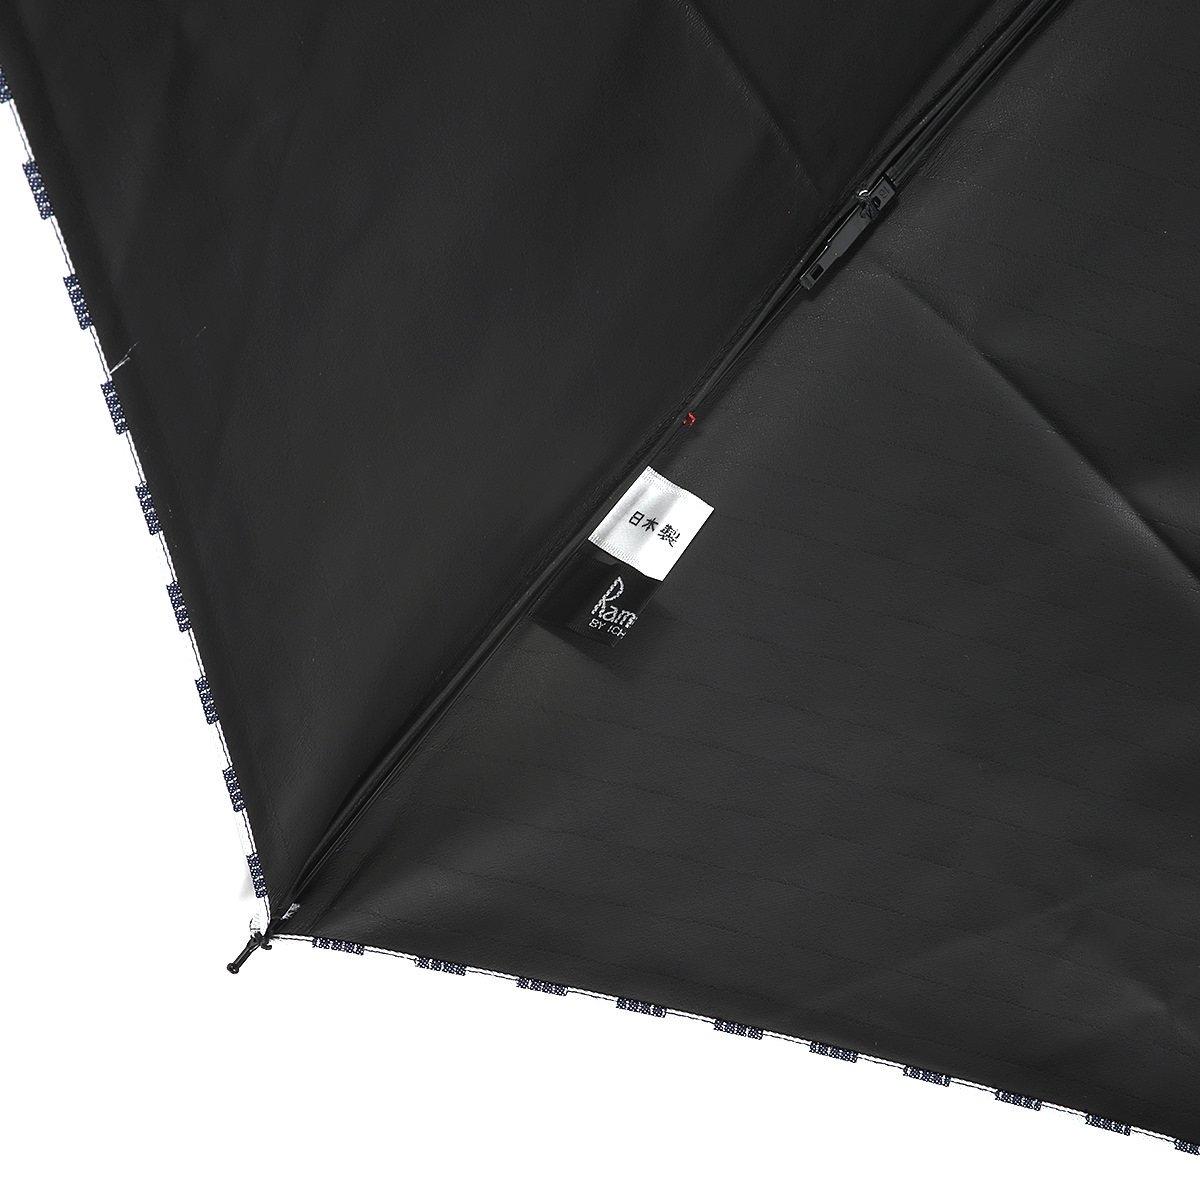 【一級遮光】チェッカー バンブー オールシーズン 折りたたみ 日傘 詳細画像8